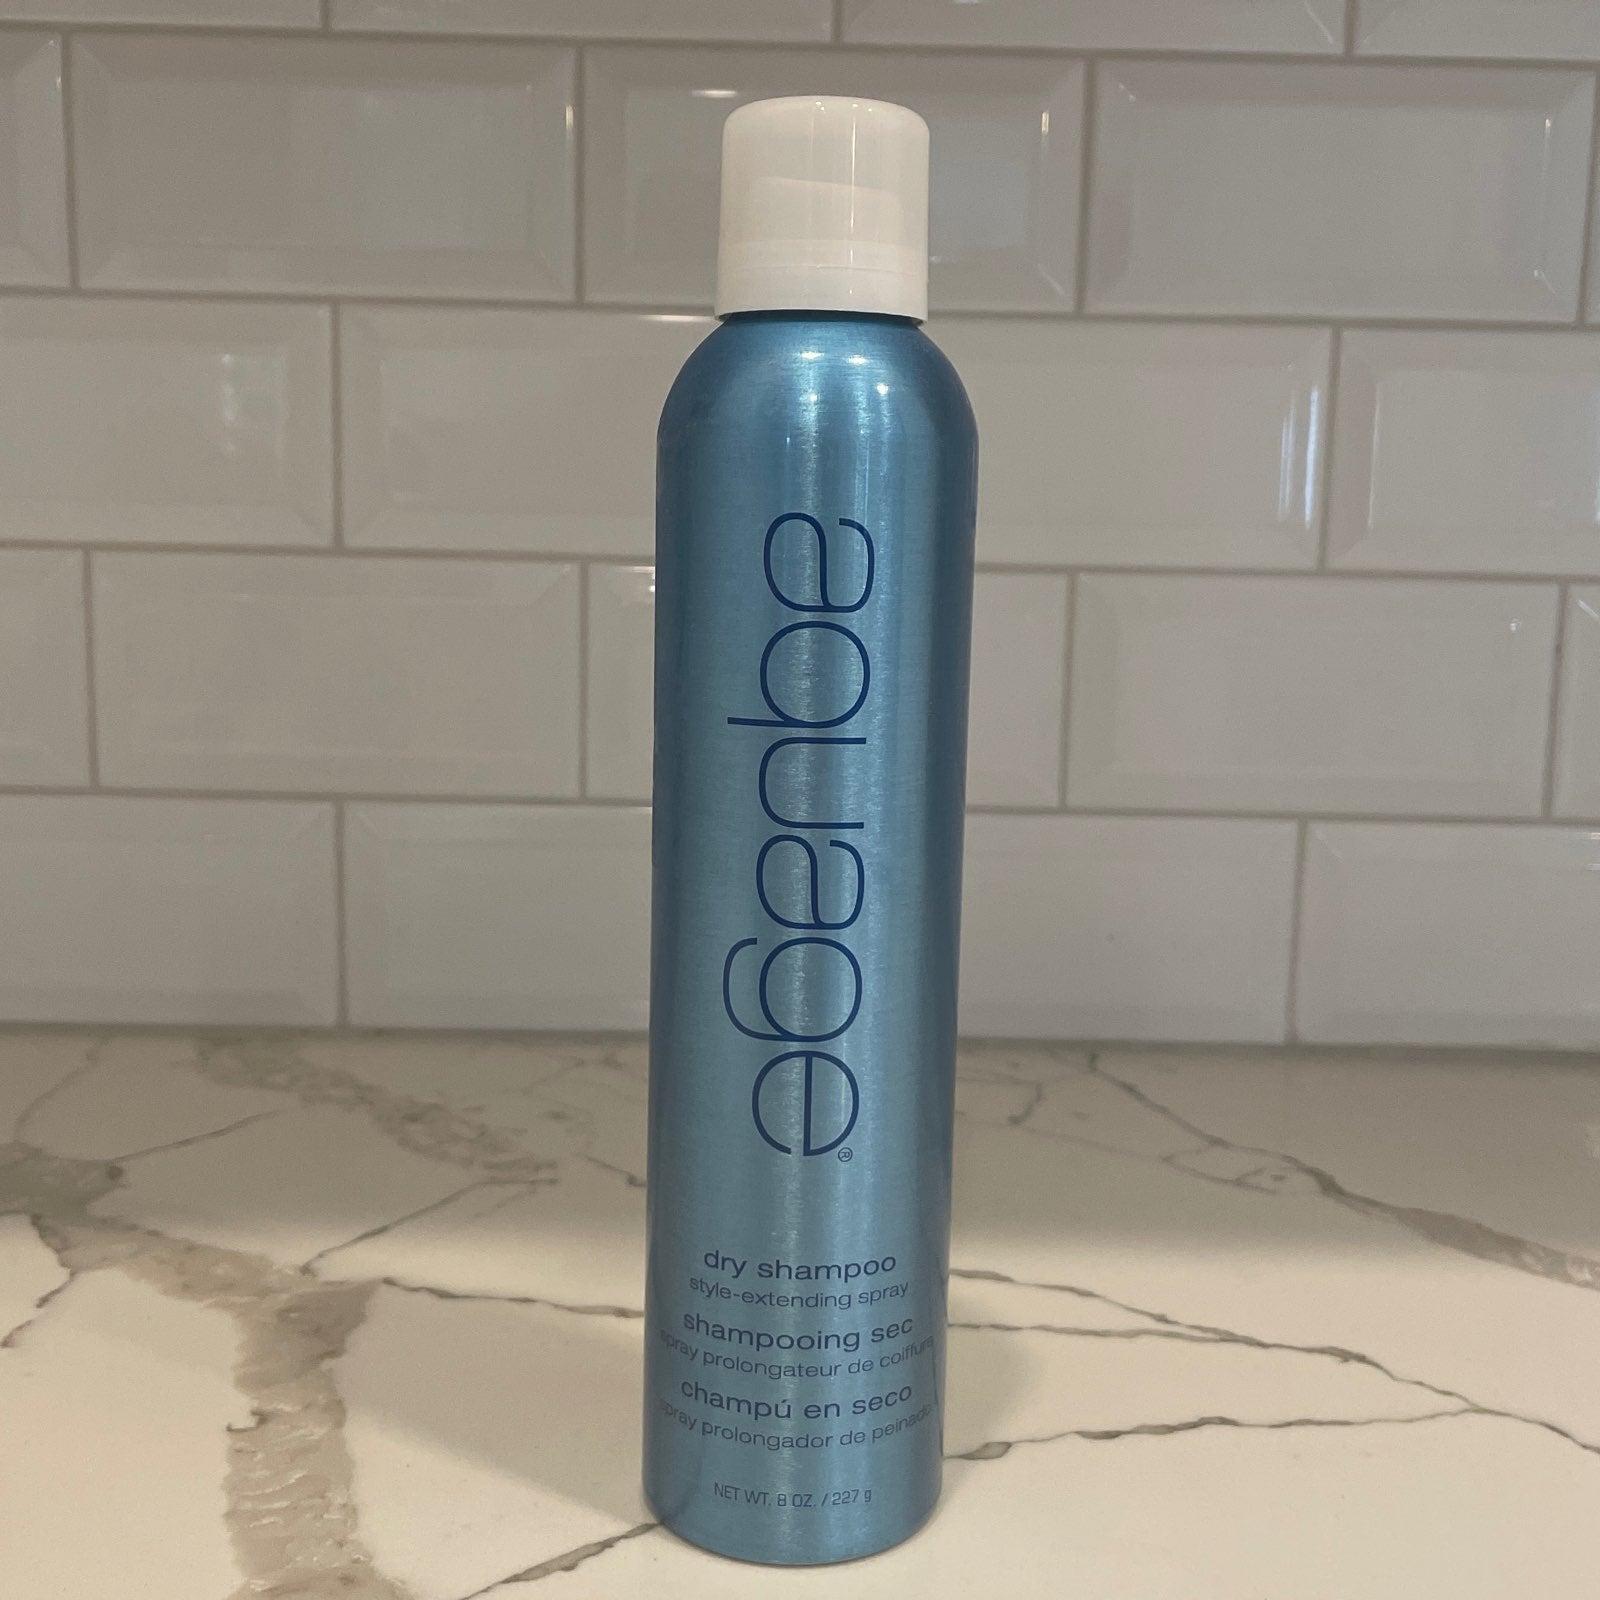 Aquage dry shampoo